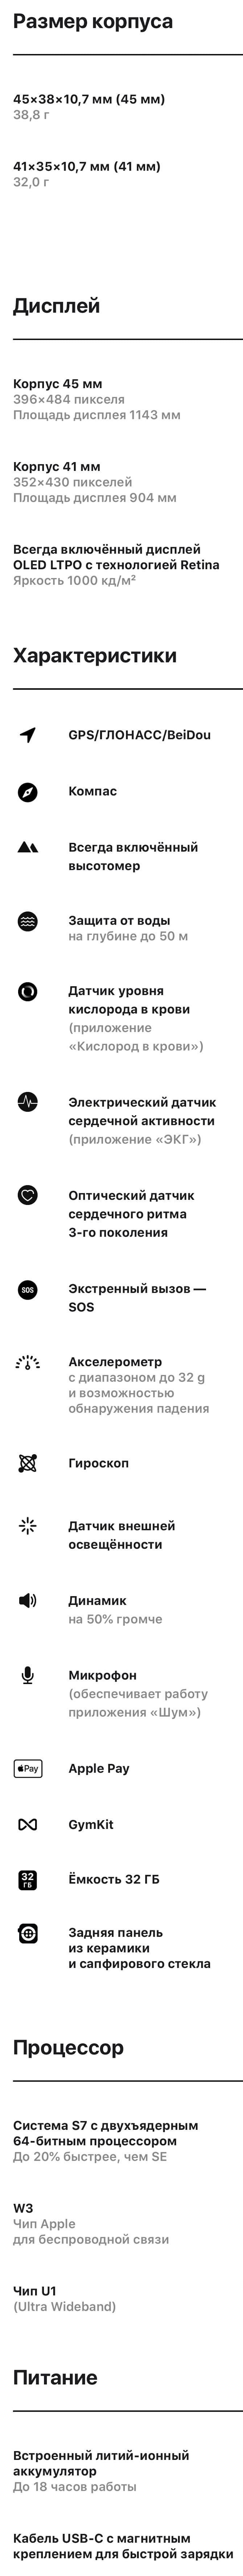 Технические характеристики (спецификации) Apple Watch Series 7